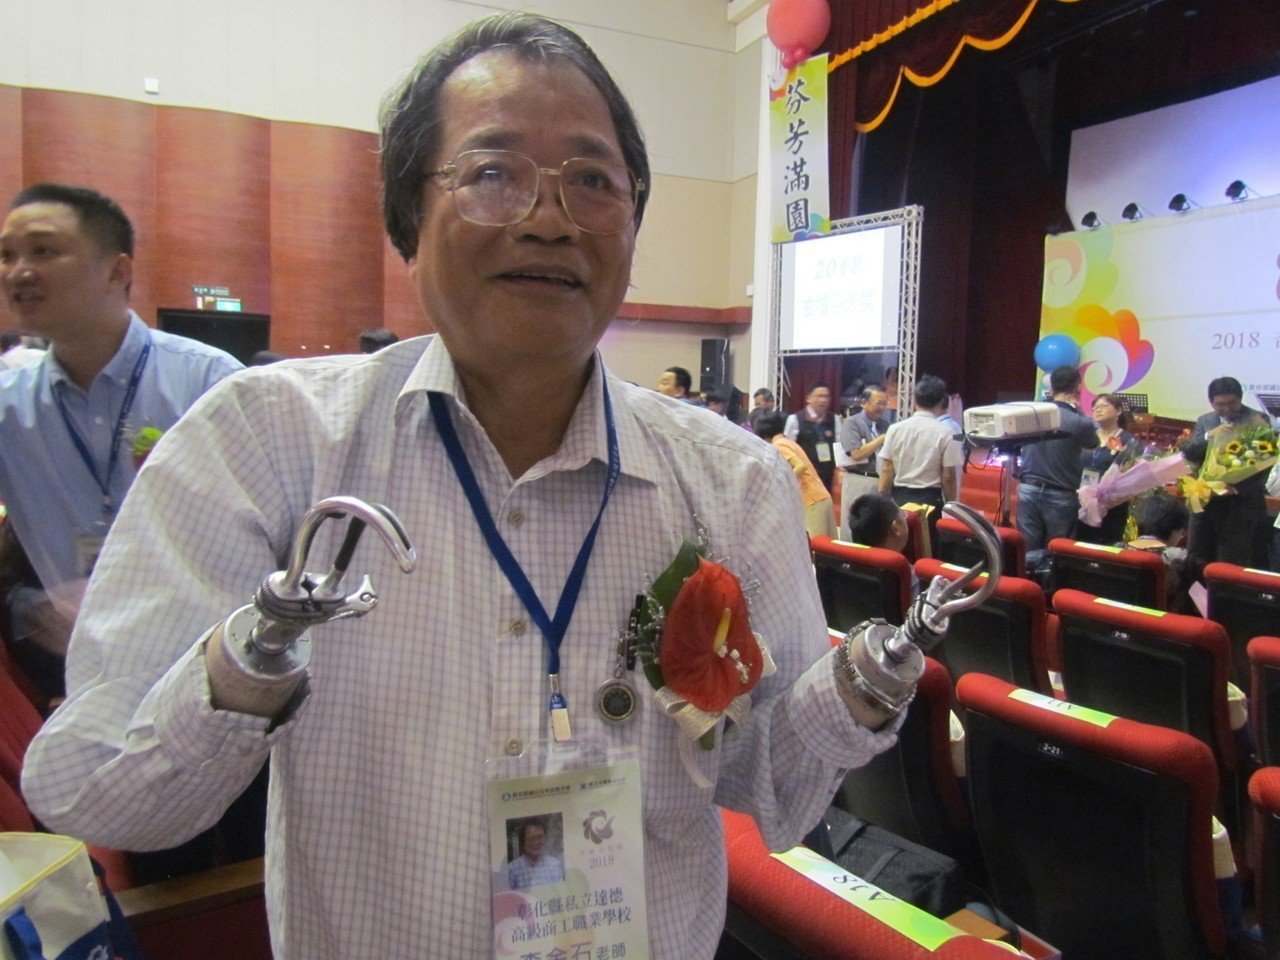 私立達德商工李金石老師獲頒杏壇芬芳獎,他雙手裝著鐵鉤,學生都稱他「虎克船長」。記...